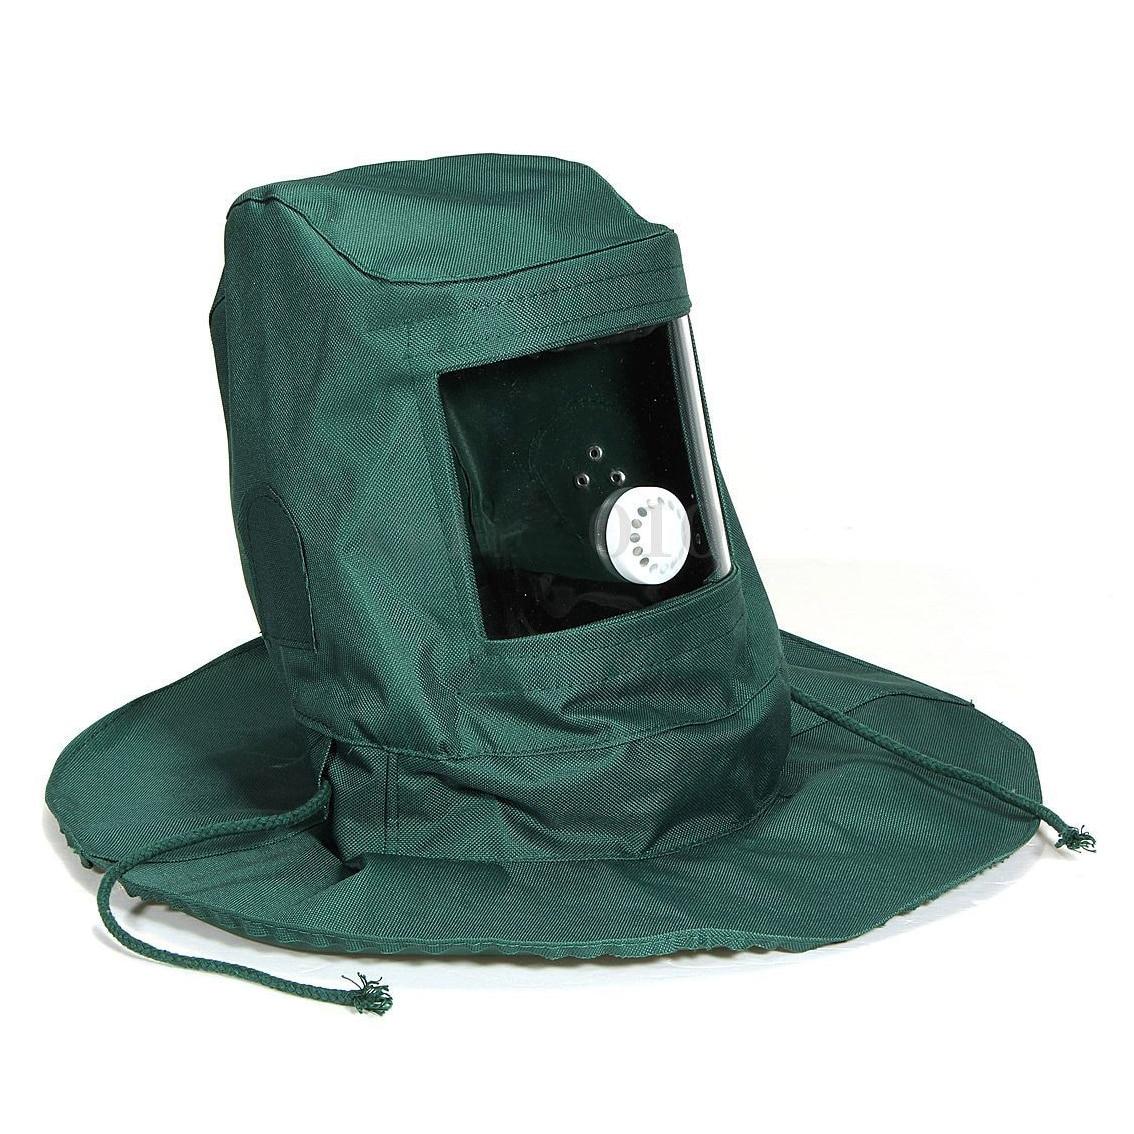 Prix pour Sablage Capot Abrasif Sableuse Masque Cap Vent Poussière Anti De Protection Outil